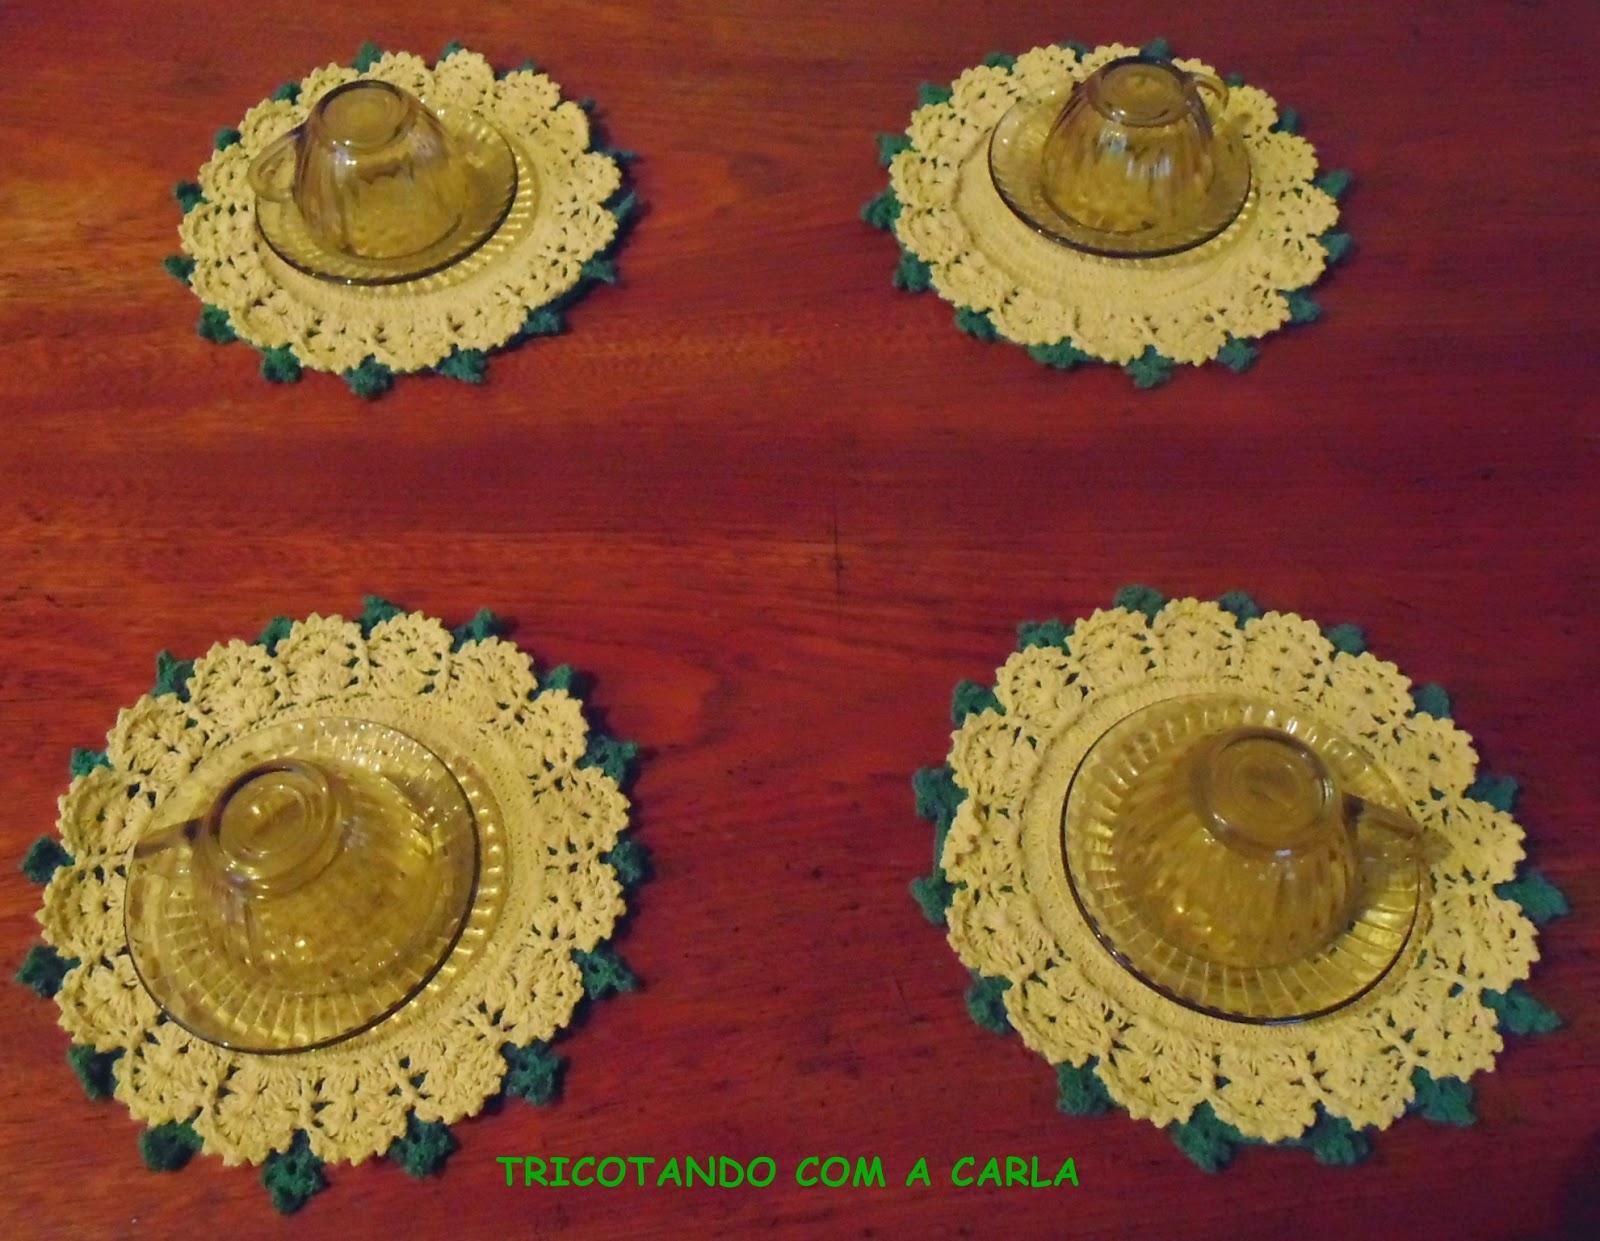 32a5ec637 Tricotando com a Carla: Sousplat de Crochê